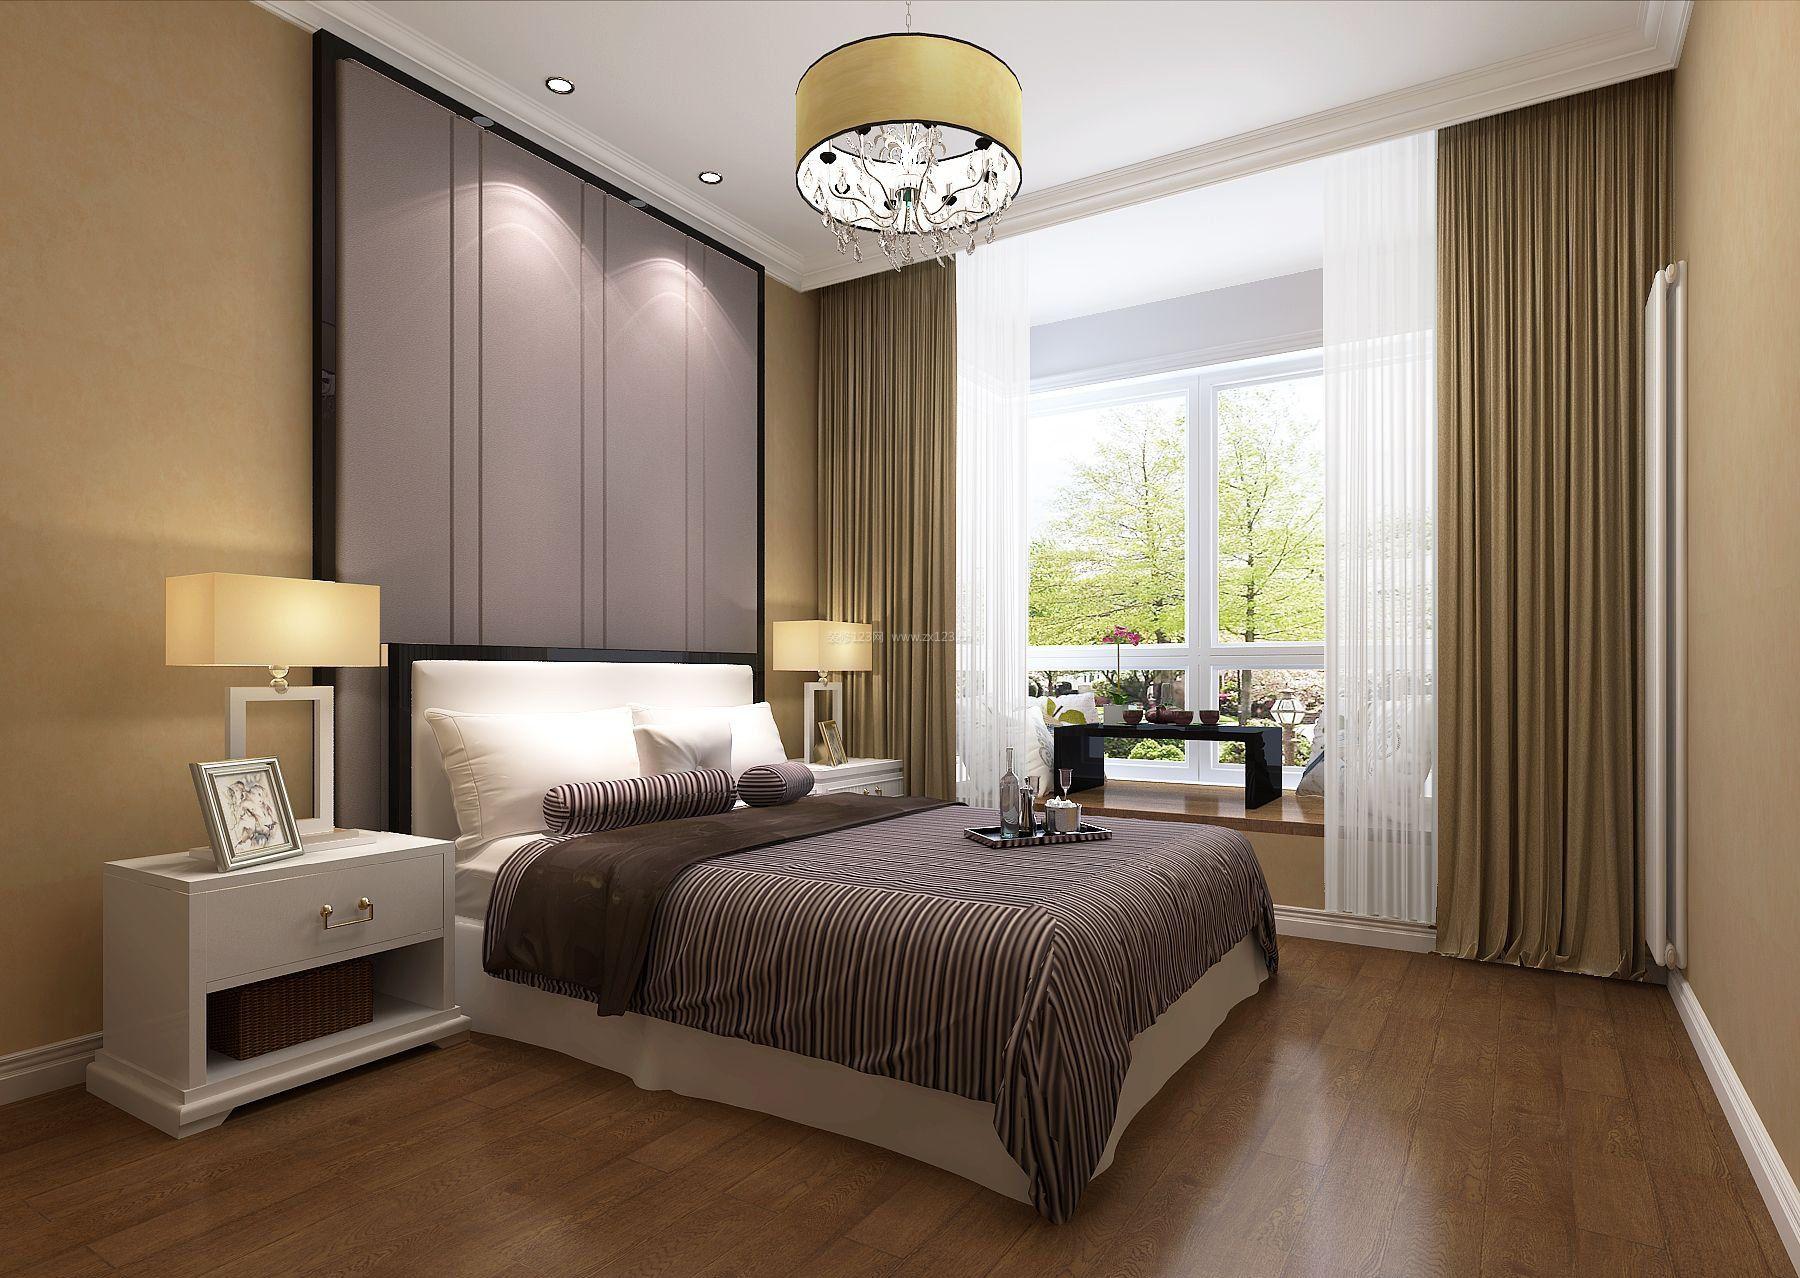 普通家庭卧室设计装修效果图大全图片